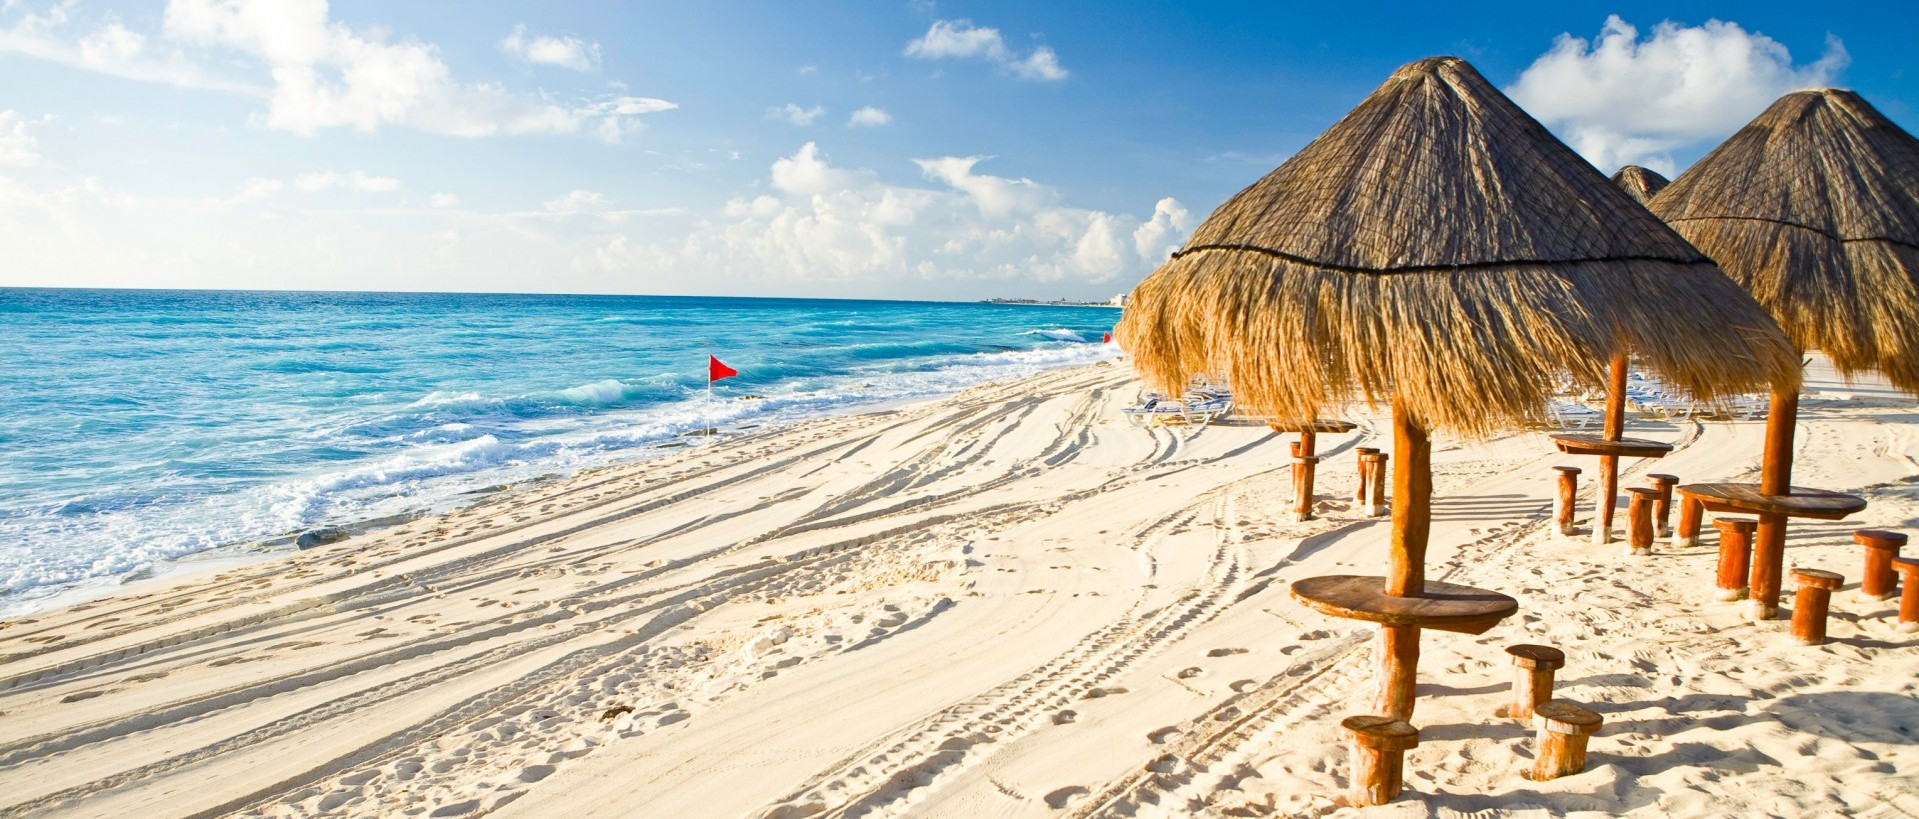 Hotel Hacienda Cancún